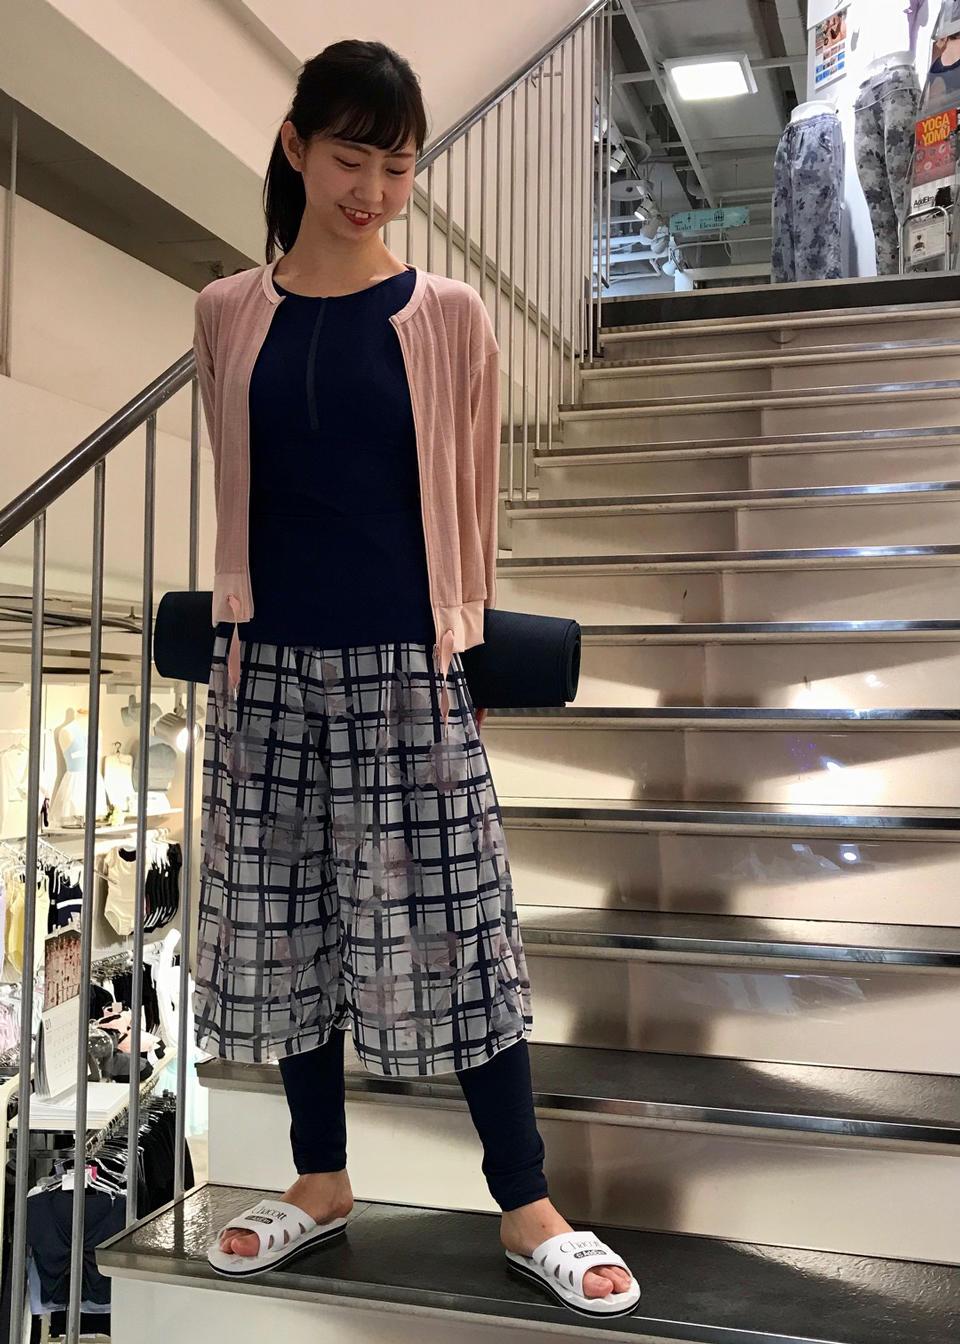 00207_staffcd_shibuya_02_960.jpg